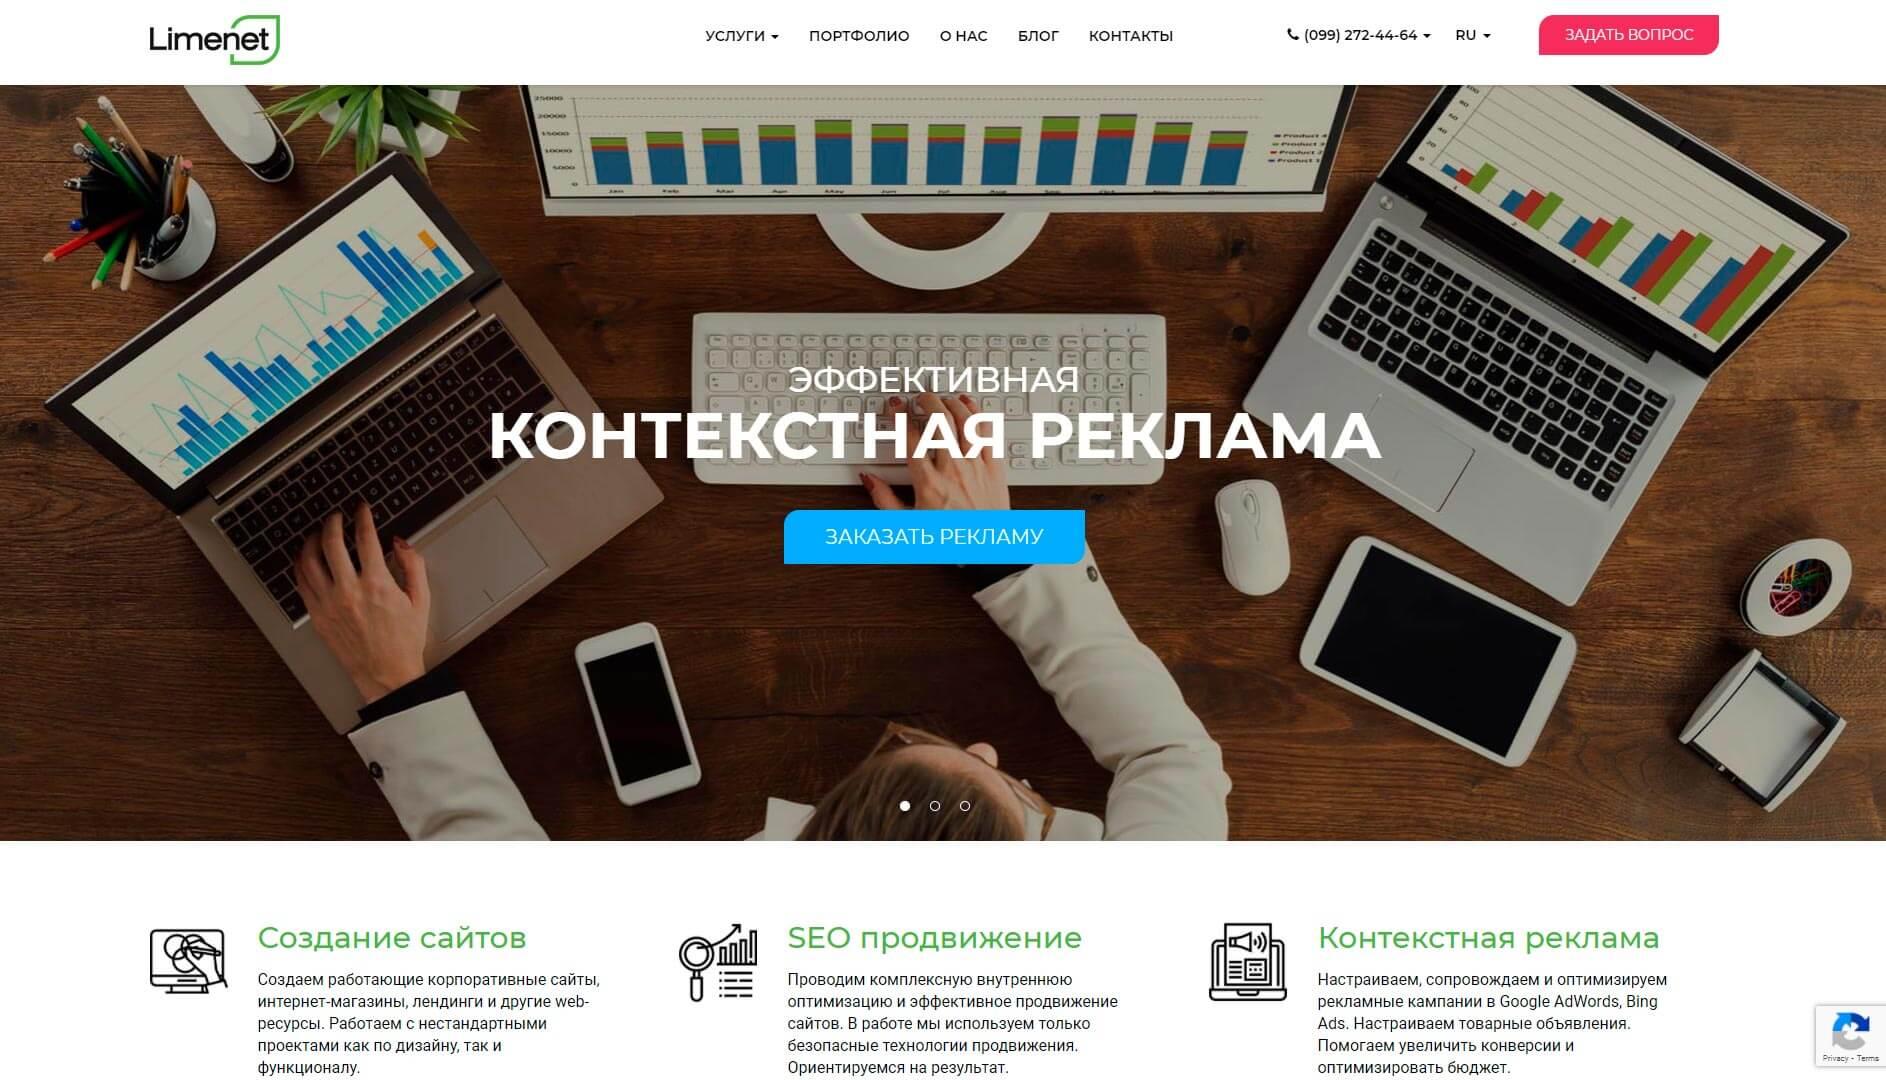 Лаймнет - обзор компании, услуги, отзывы, клиенты | Google SEO, Фото № 1 - google-seo.pro